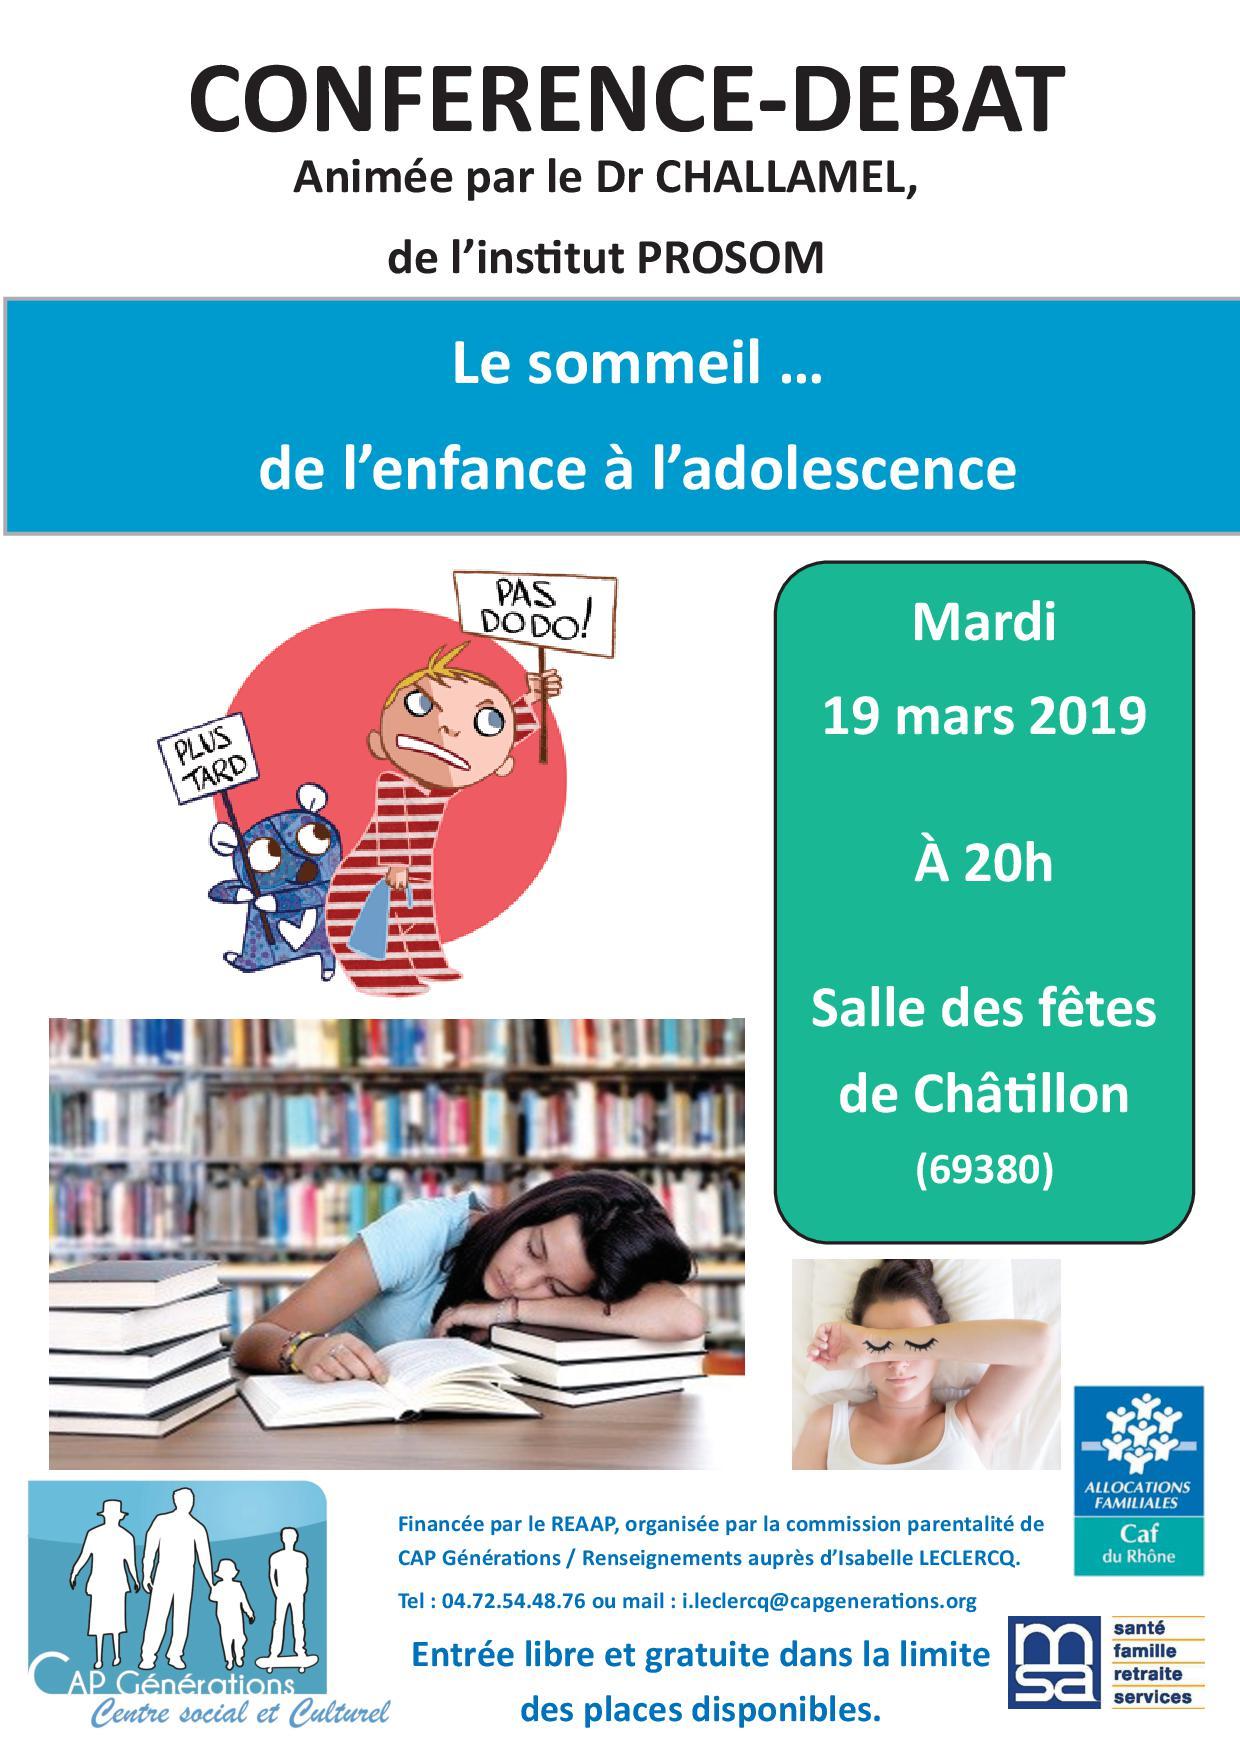 Affiche conférence sommeil de l'enfance à adolescence